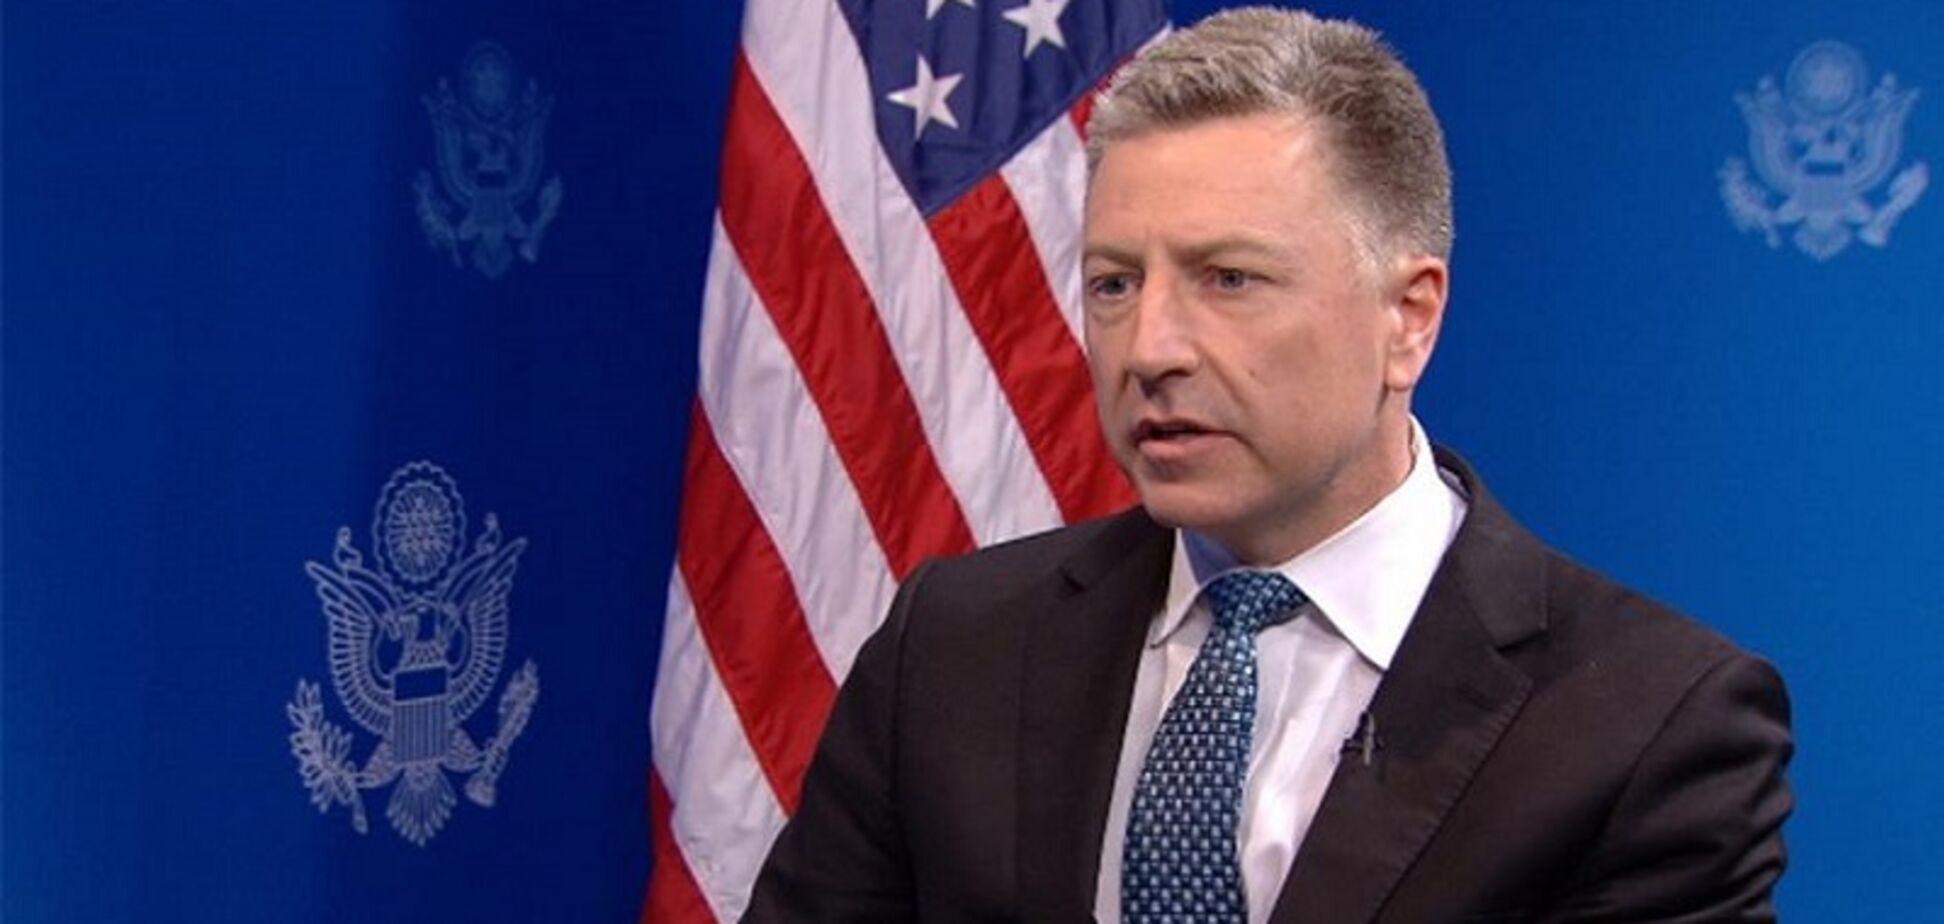 Волкер дал жесткий ответ на требование России по миротворцам на Донбассе